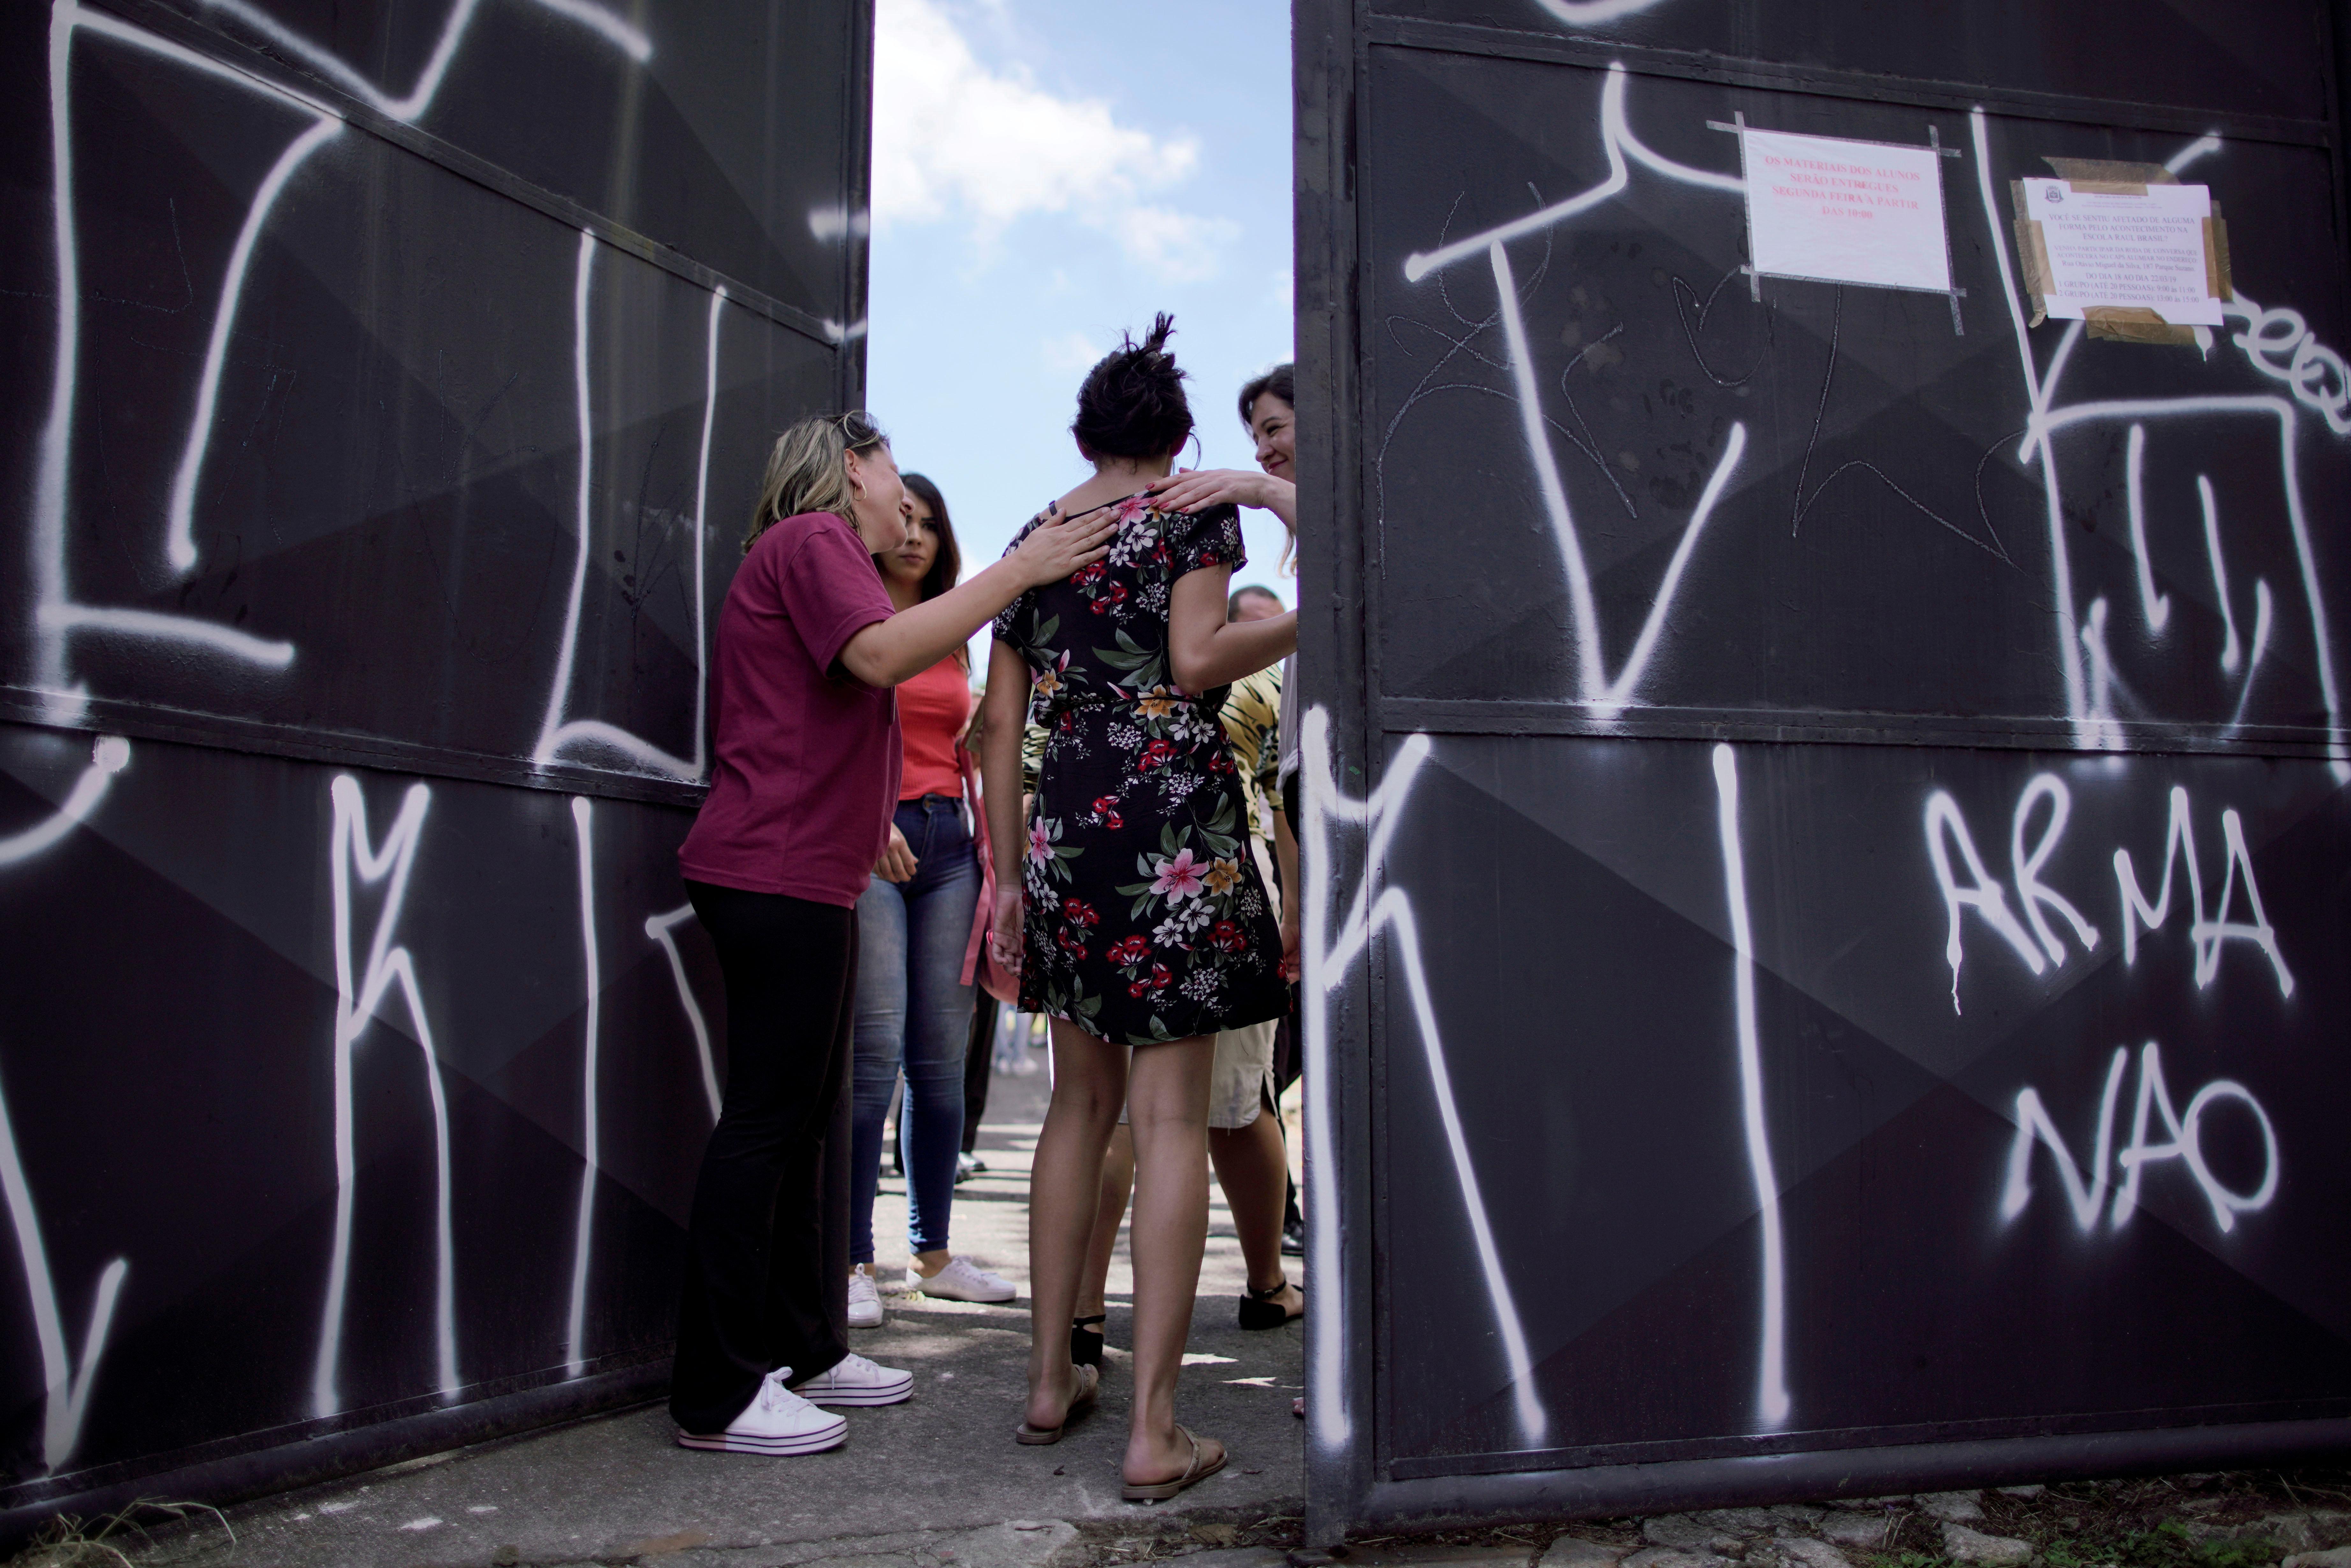 Vélez fala em militarizar escola de Suzano, mas não consulta governo